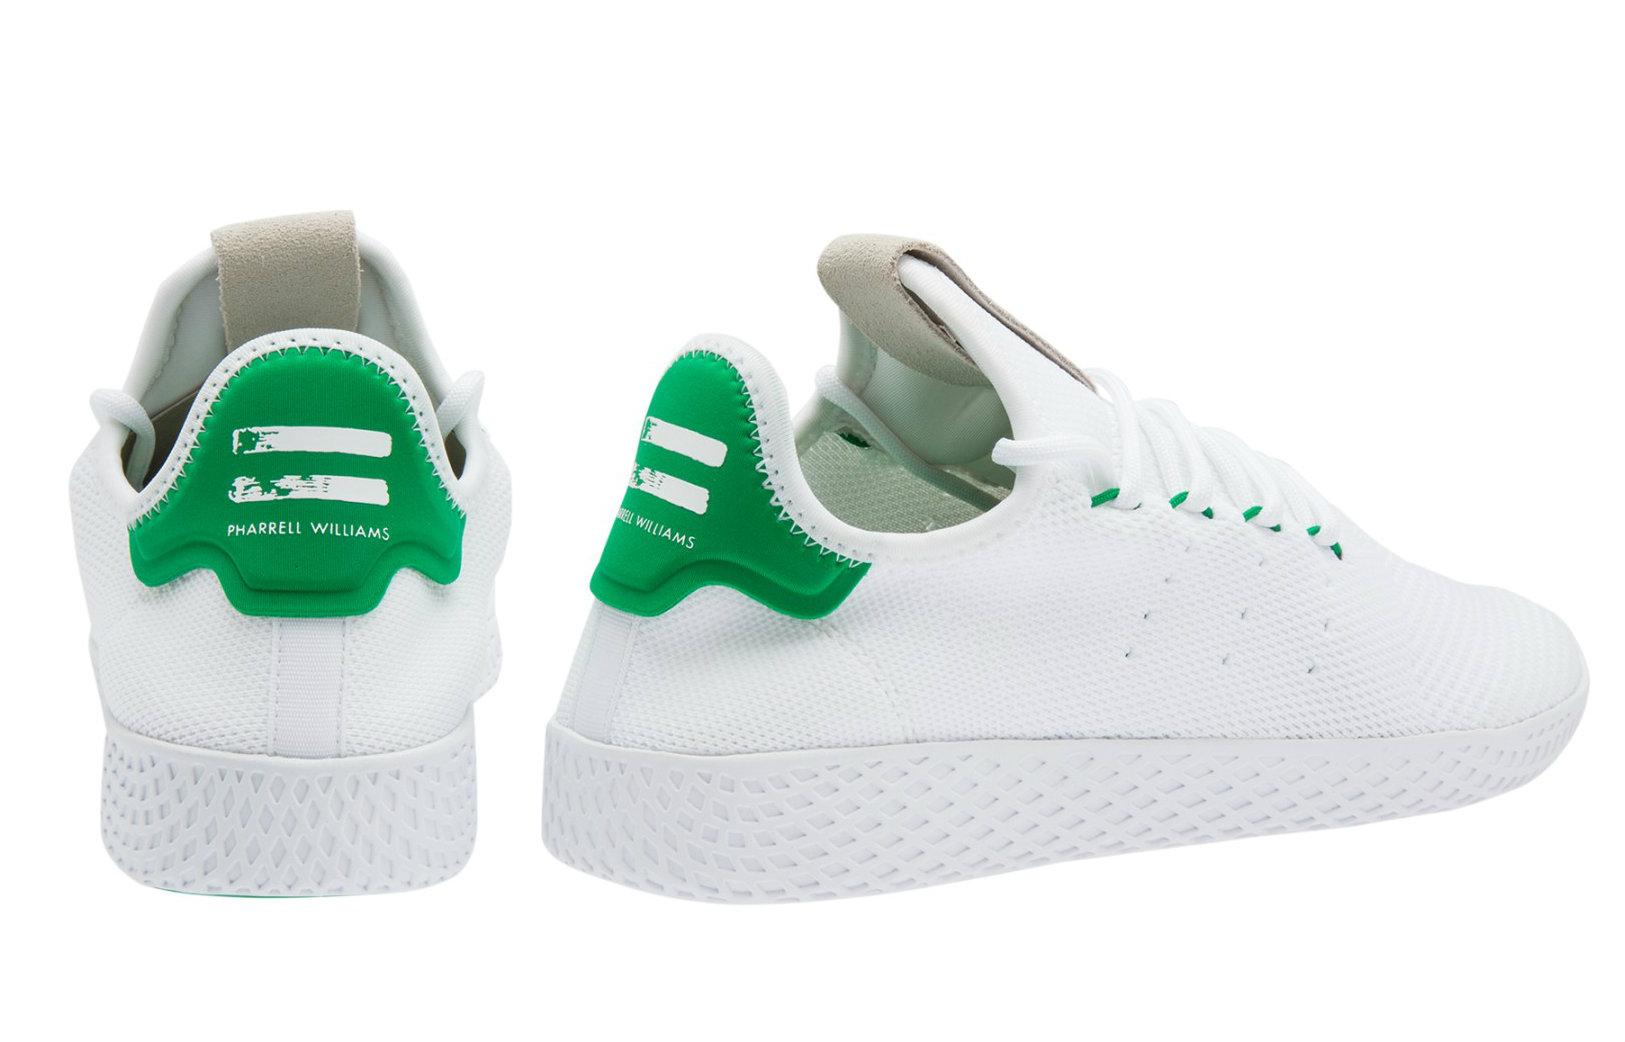 L'été Hu 2017 Sneakers Seront Tennis De Pharrell X Les Adidas Rj45A3L